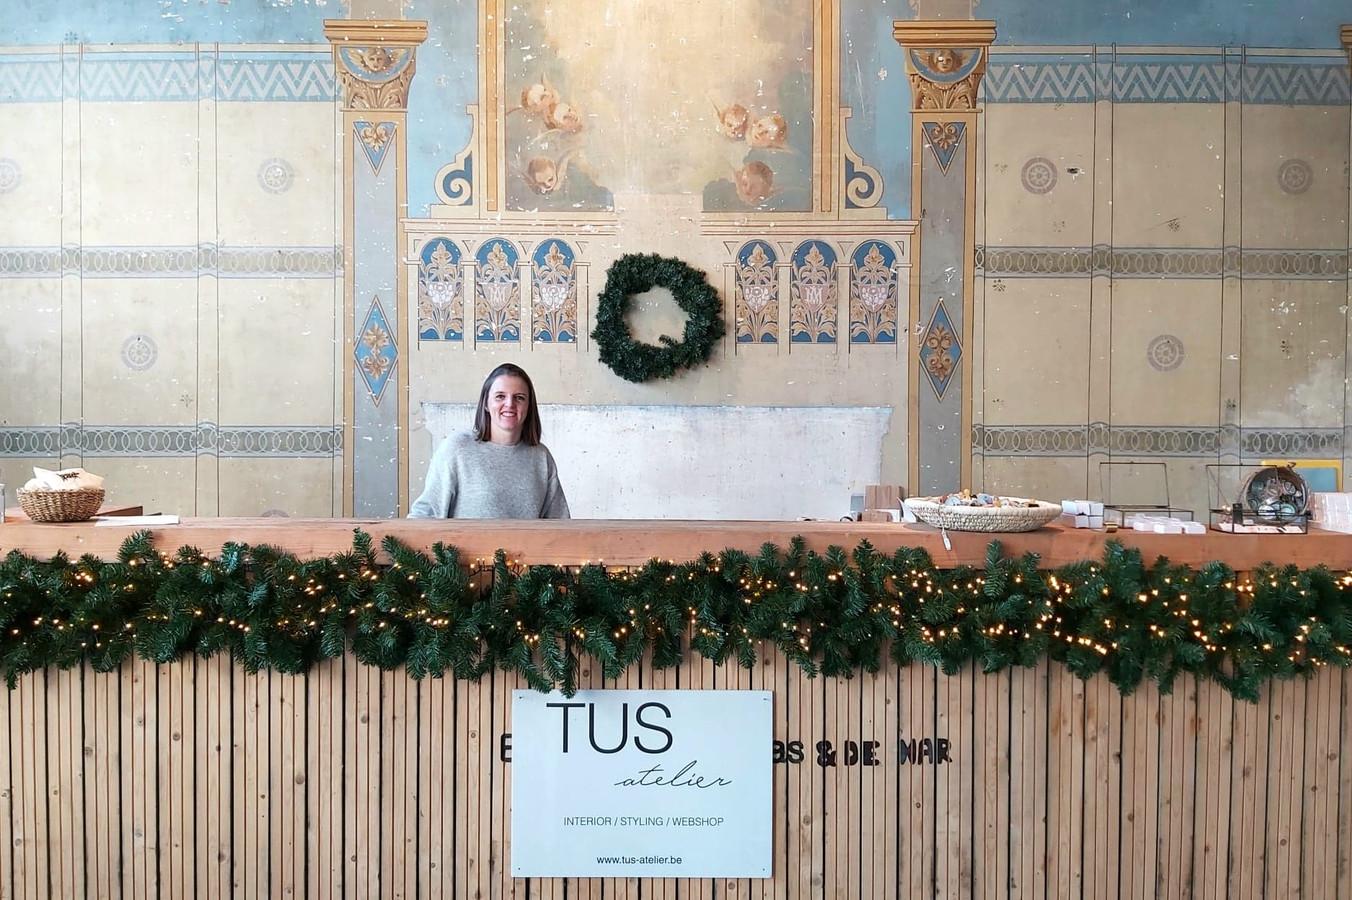 De pop-upwinkel van TUS atelier van Gaëlle Vervaeke vind je dit jaar in een gerenoveerde kapel.